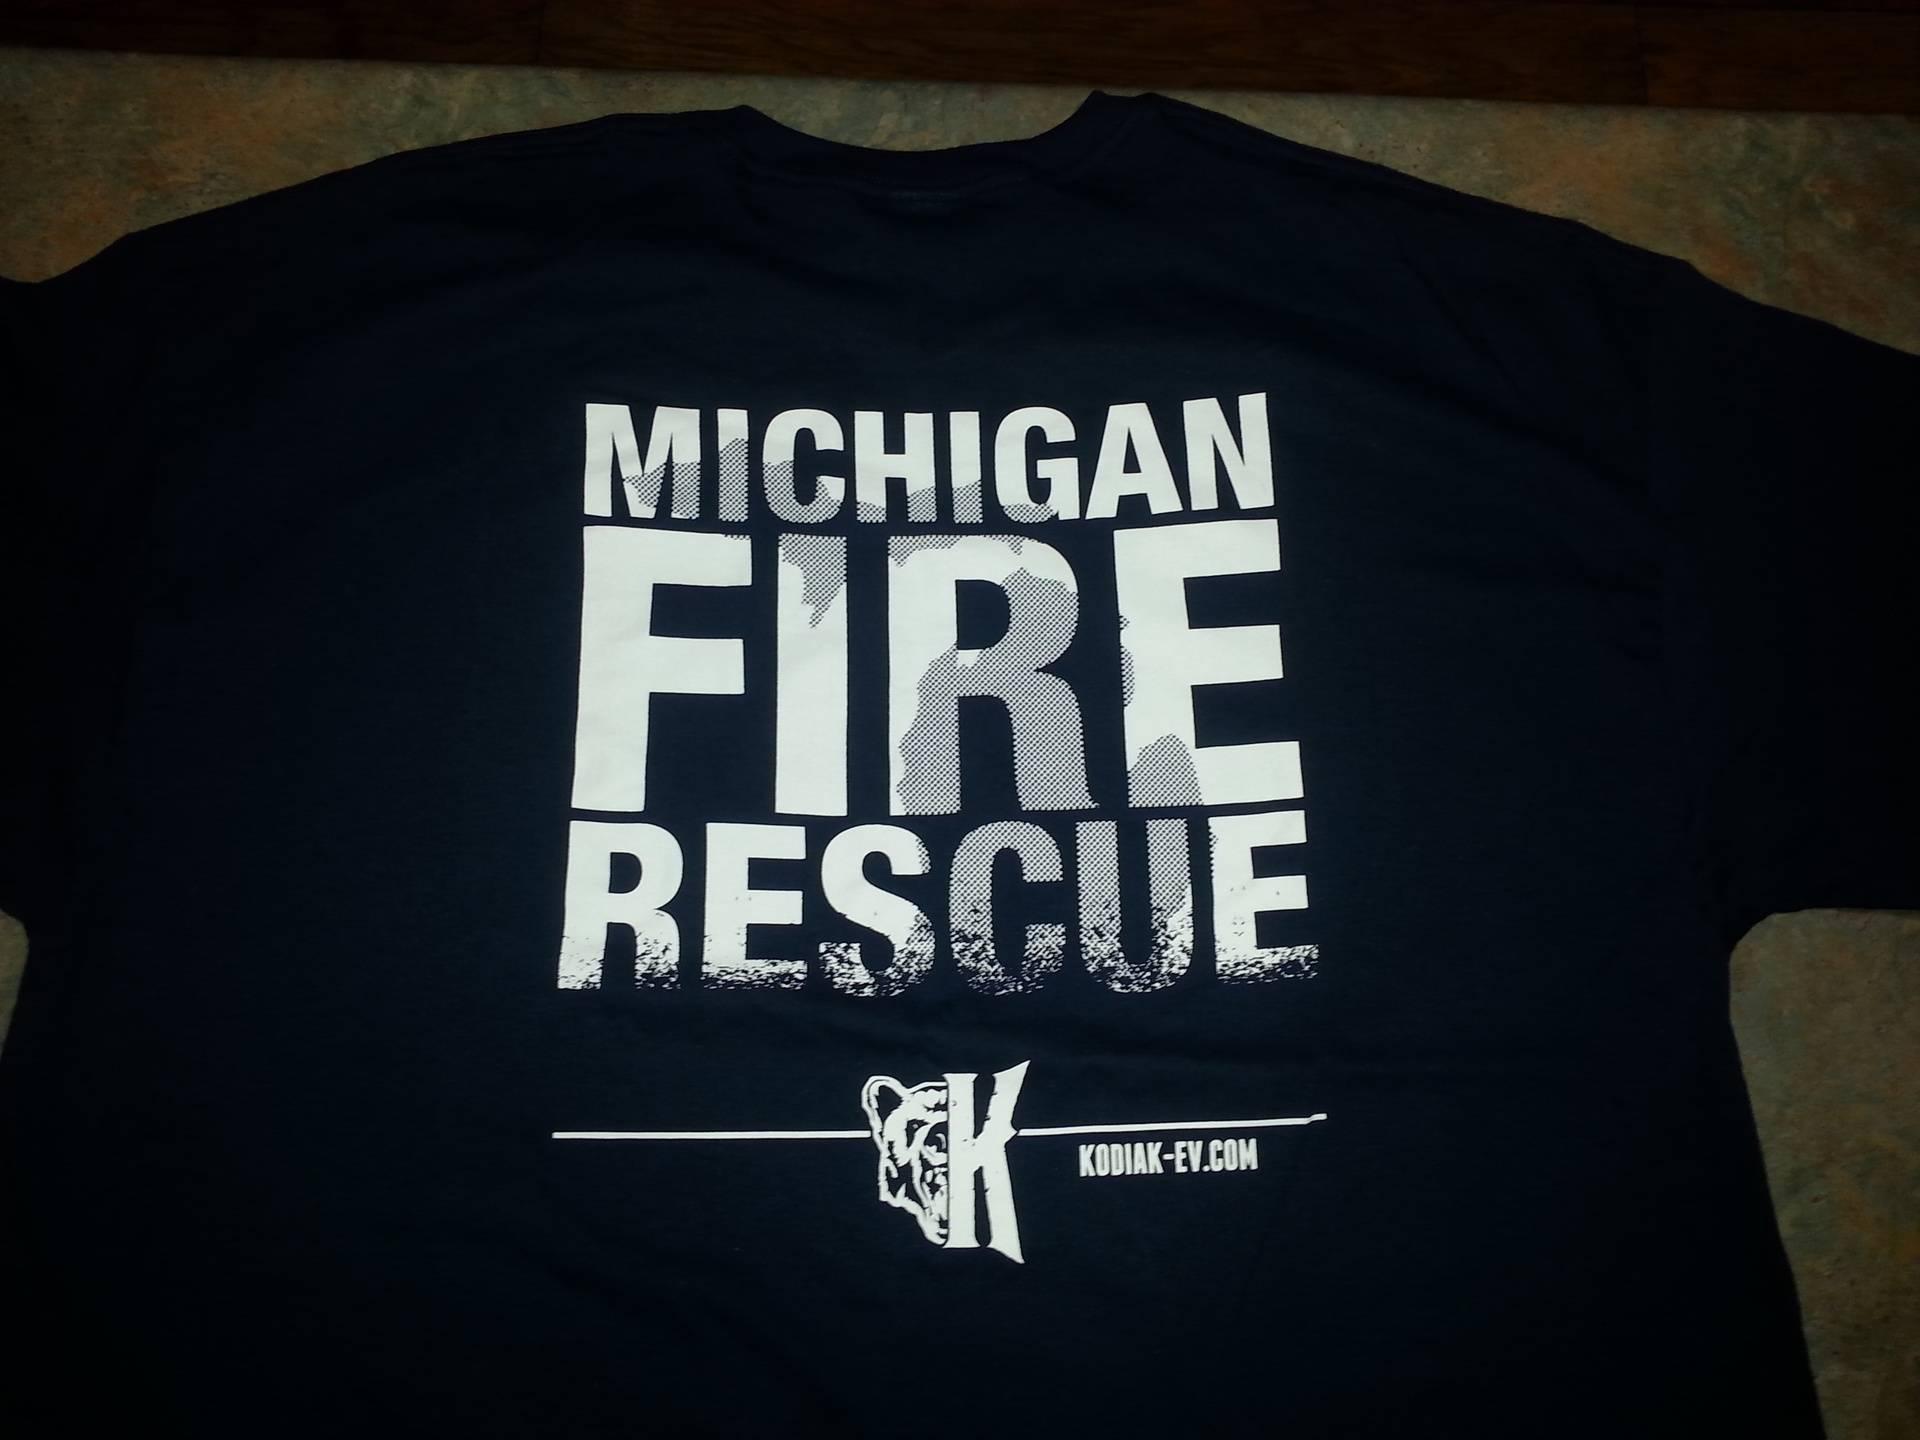 Michigan Fire Rescue